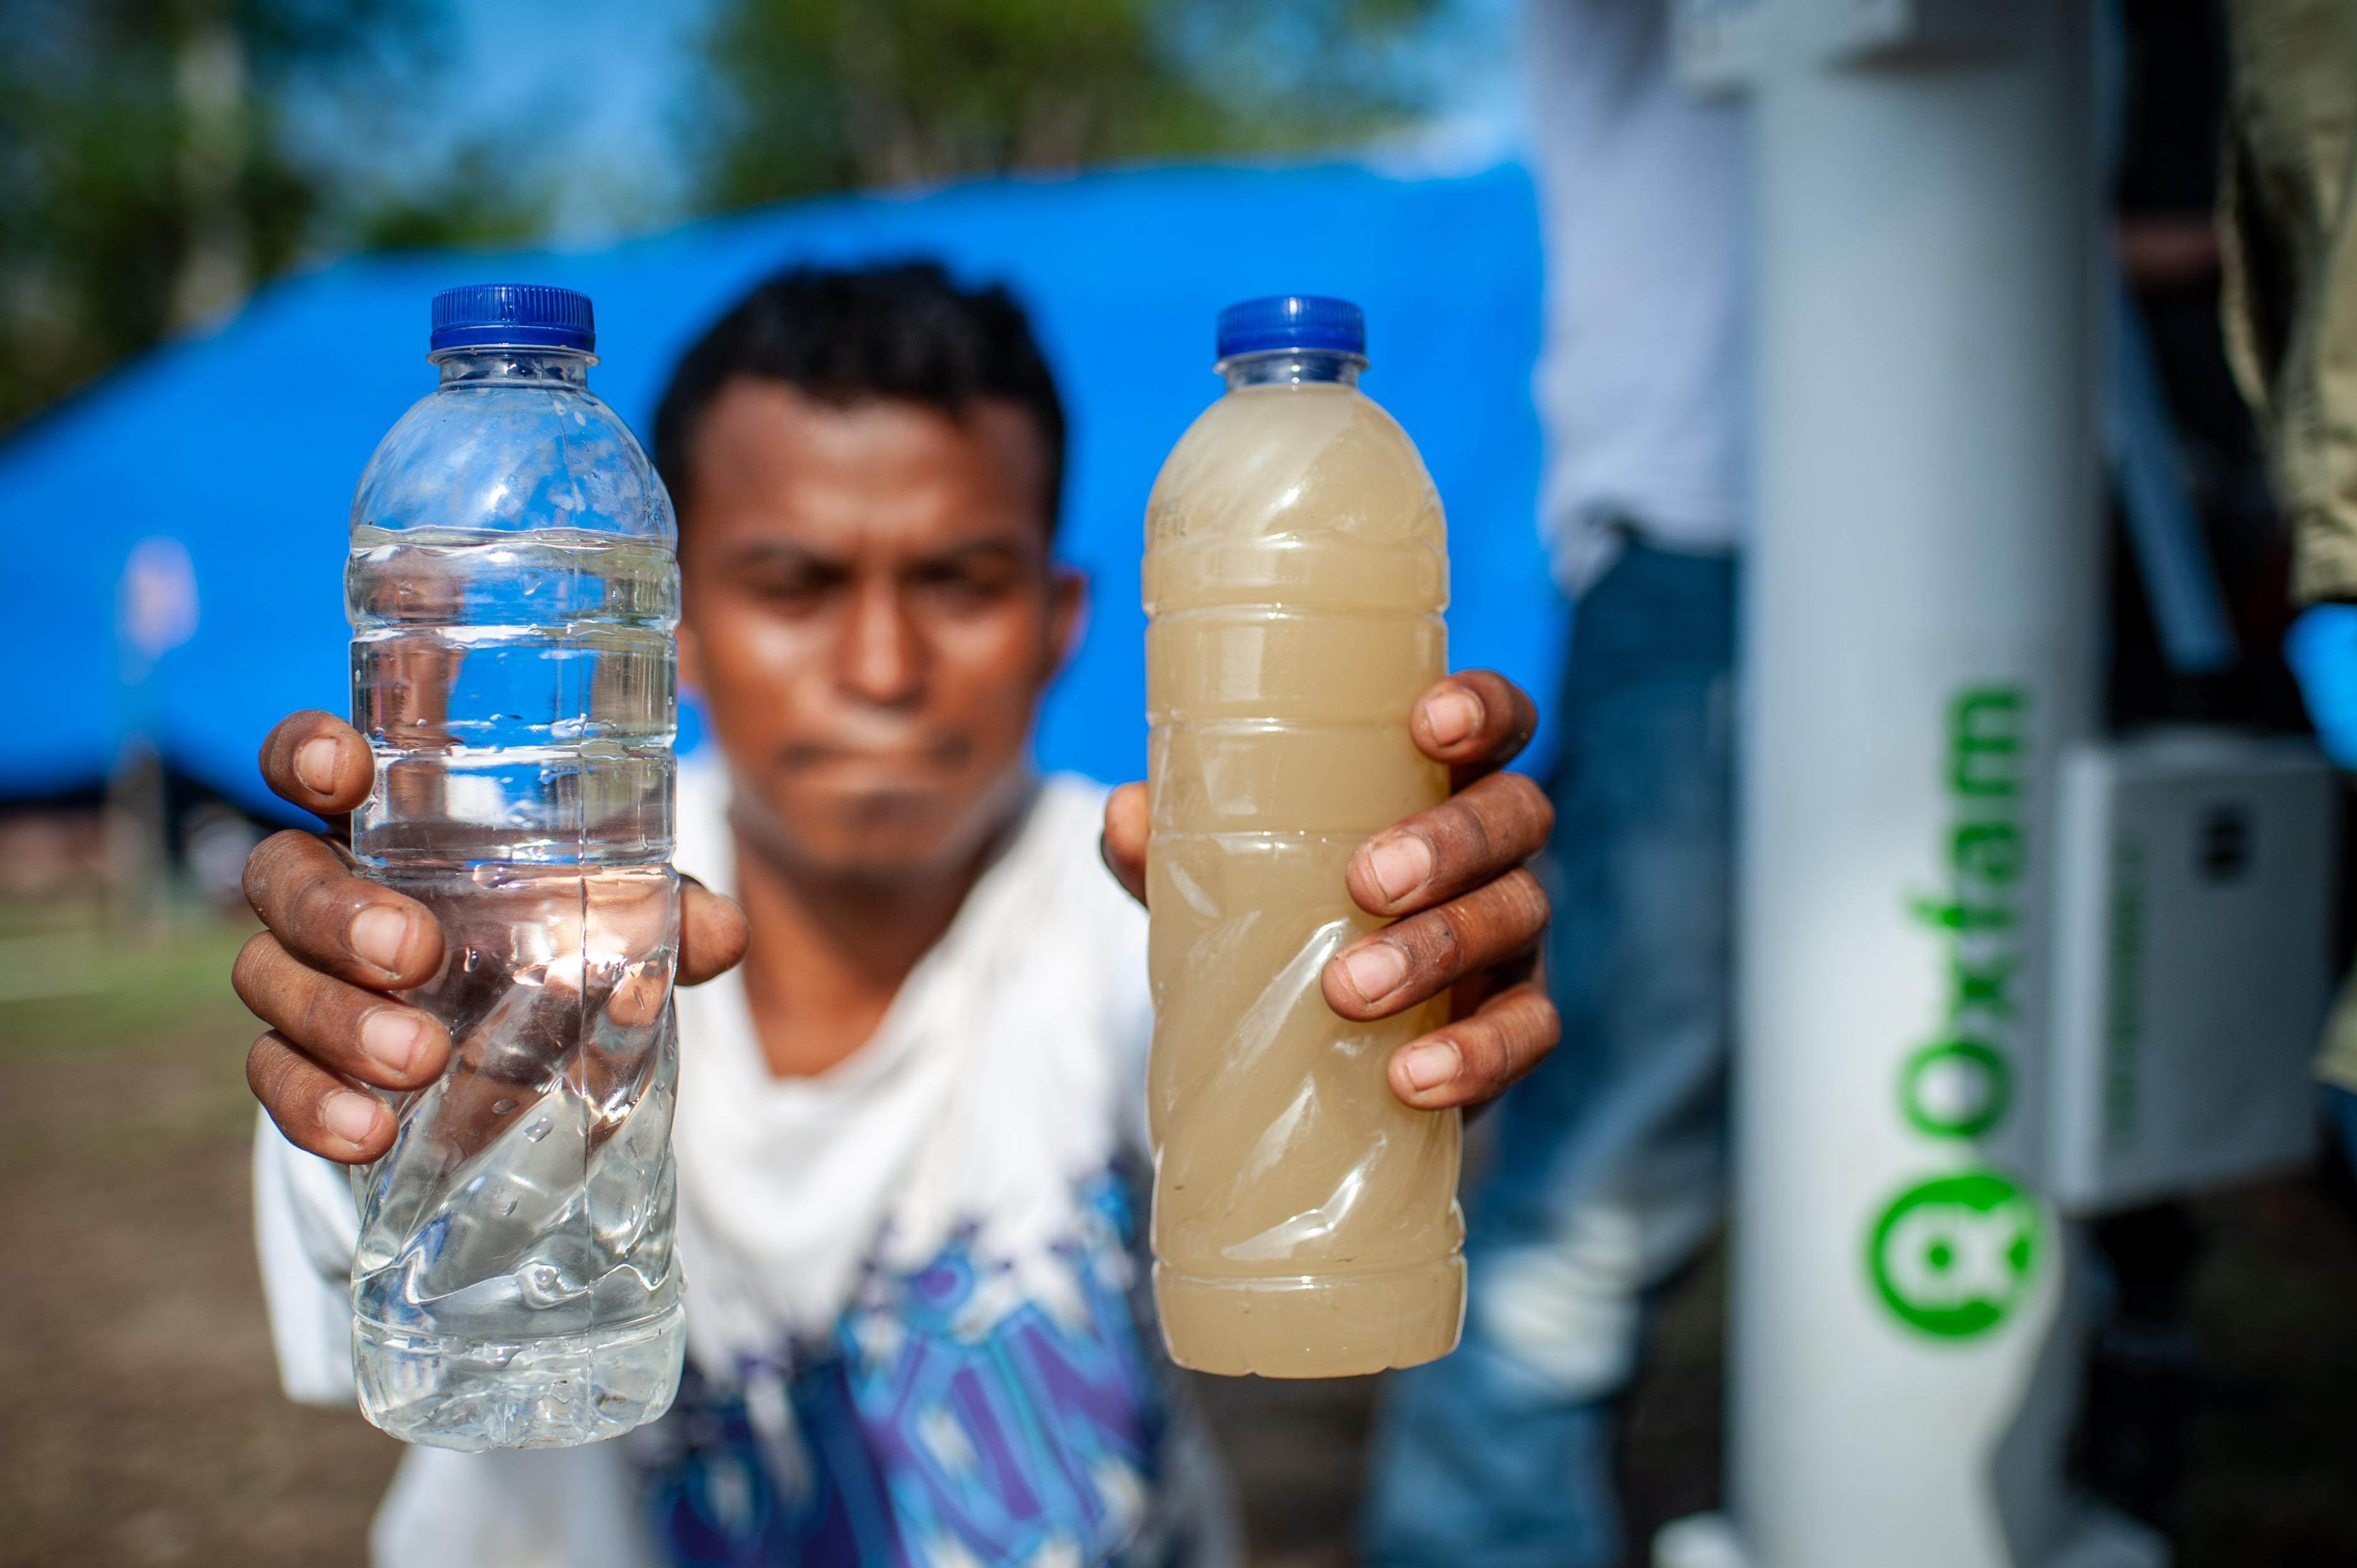 Ein Mann zeigt eine Flasche mit sauberem und eine mit schmutzigem Wasser